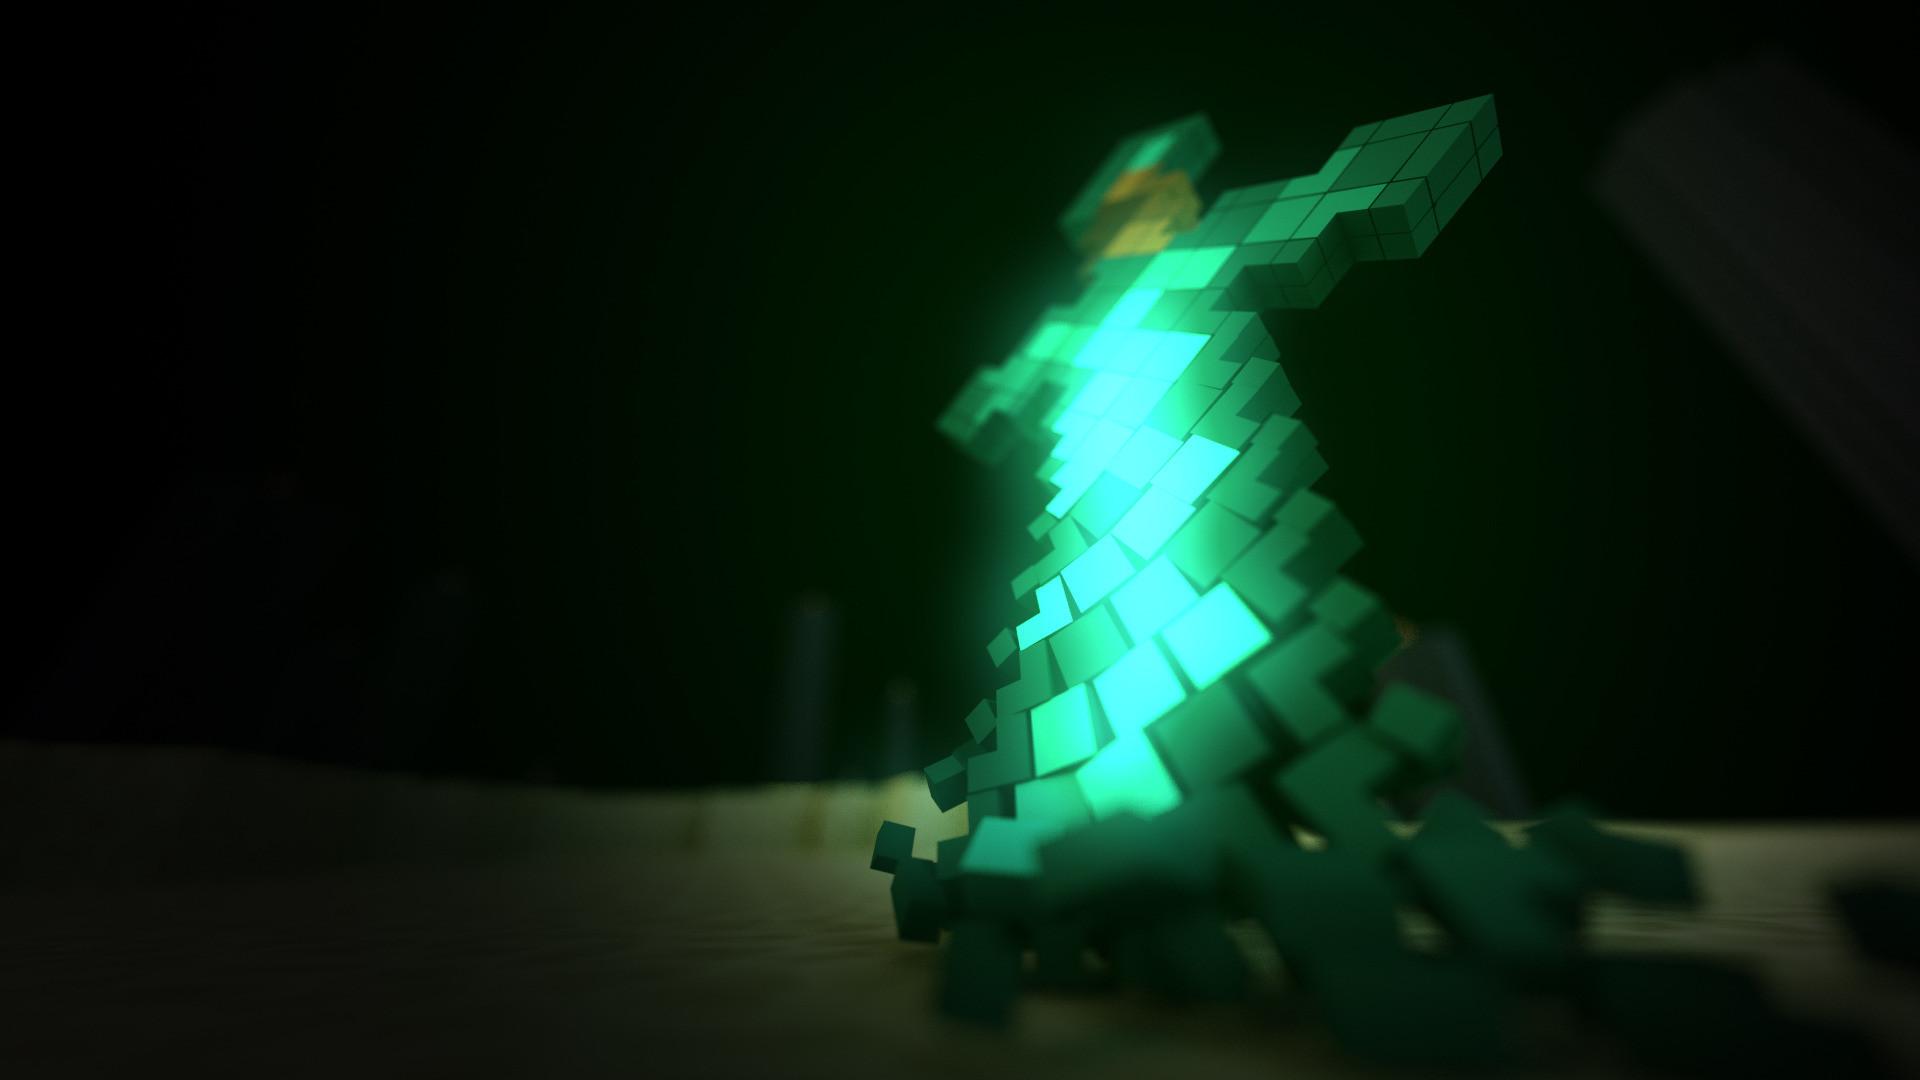 Minecraft Sword HD Wallpaper 1920x1080 1920x1080